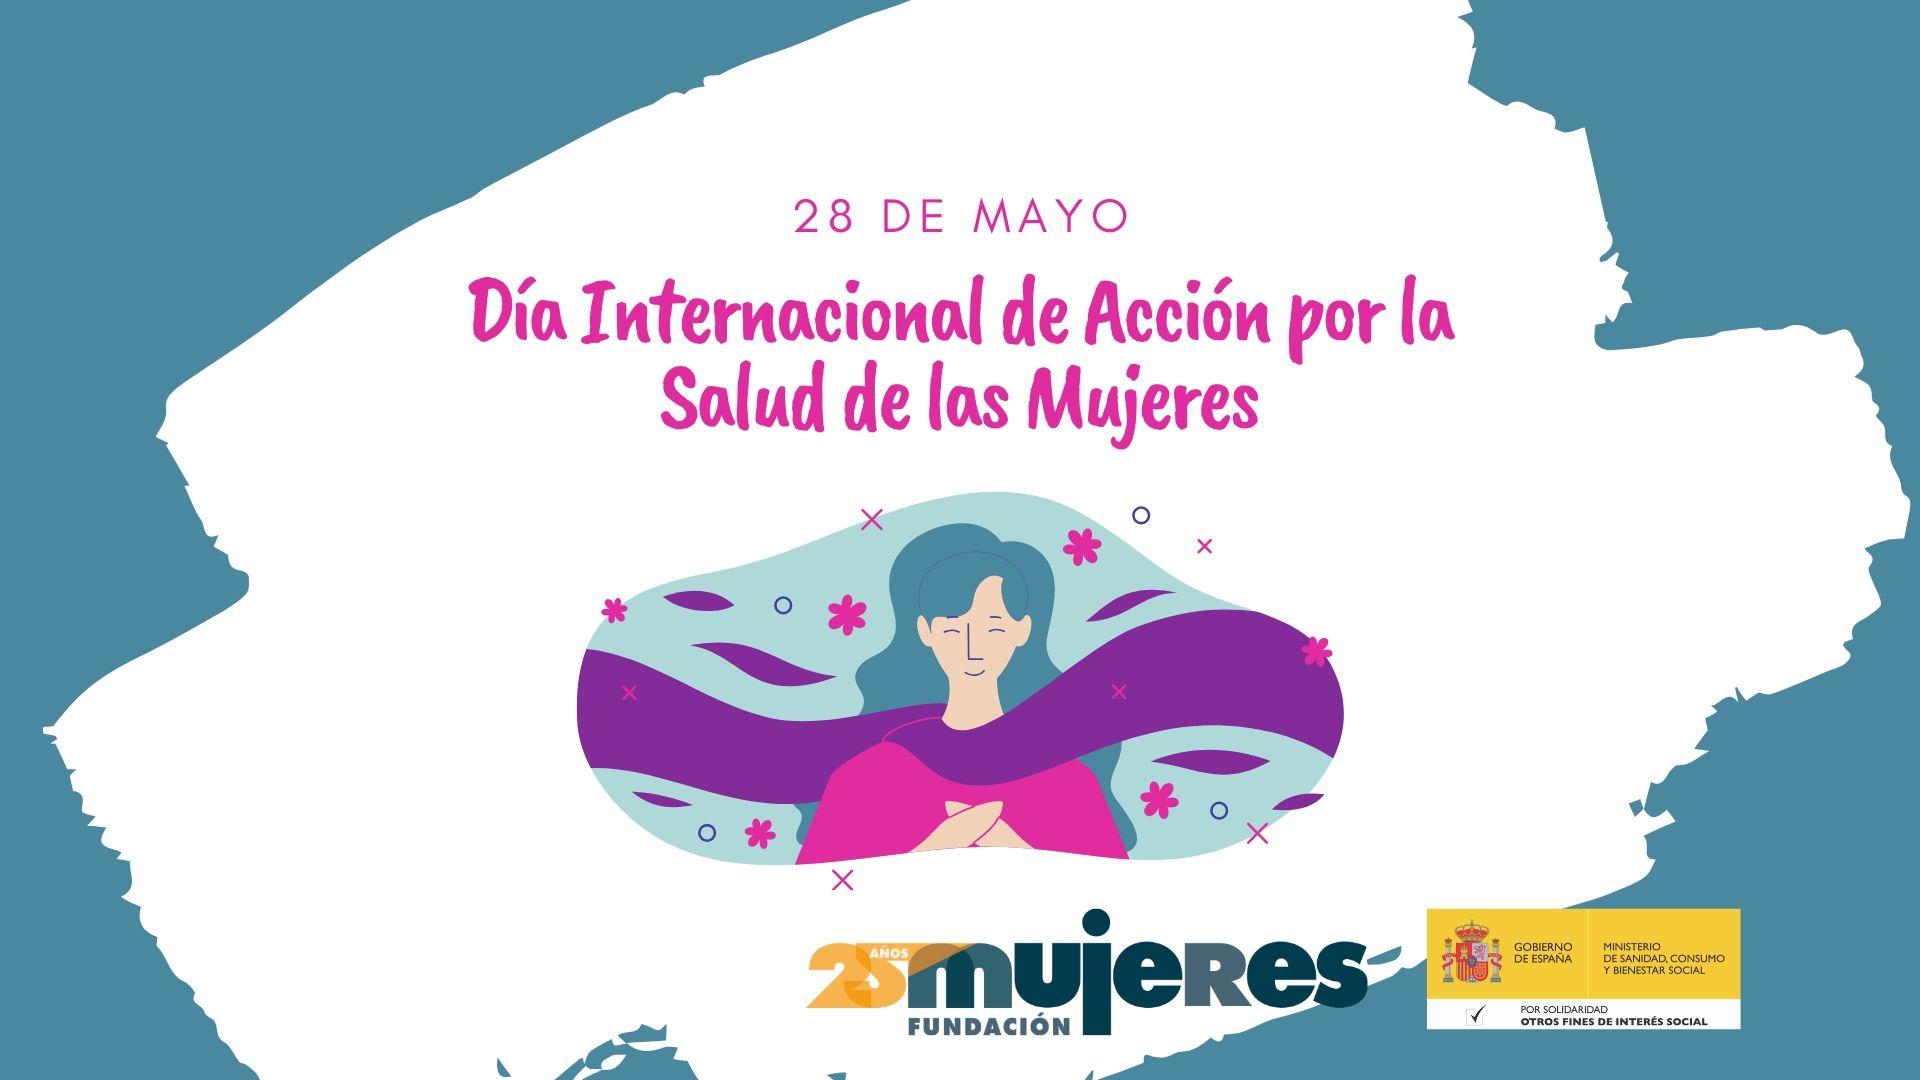 28 de mayo salud mujeres (2)